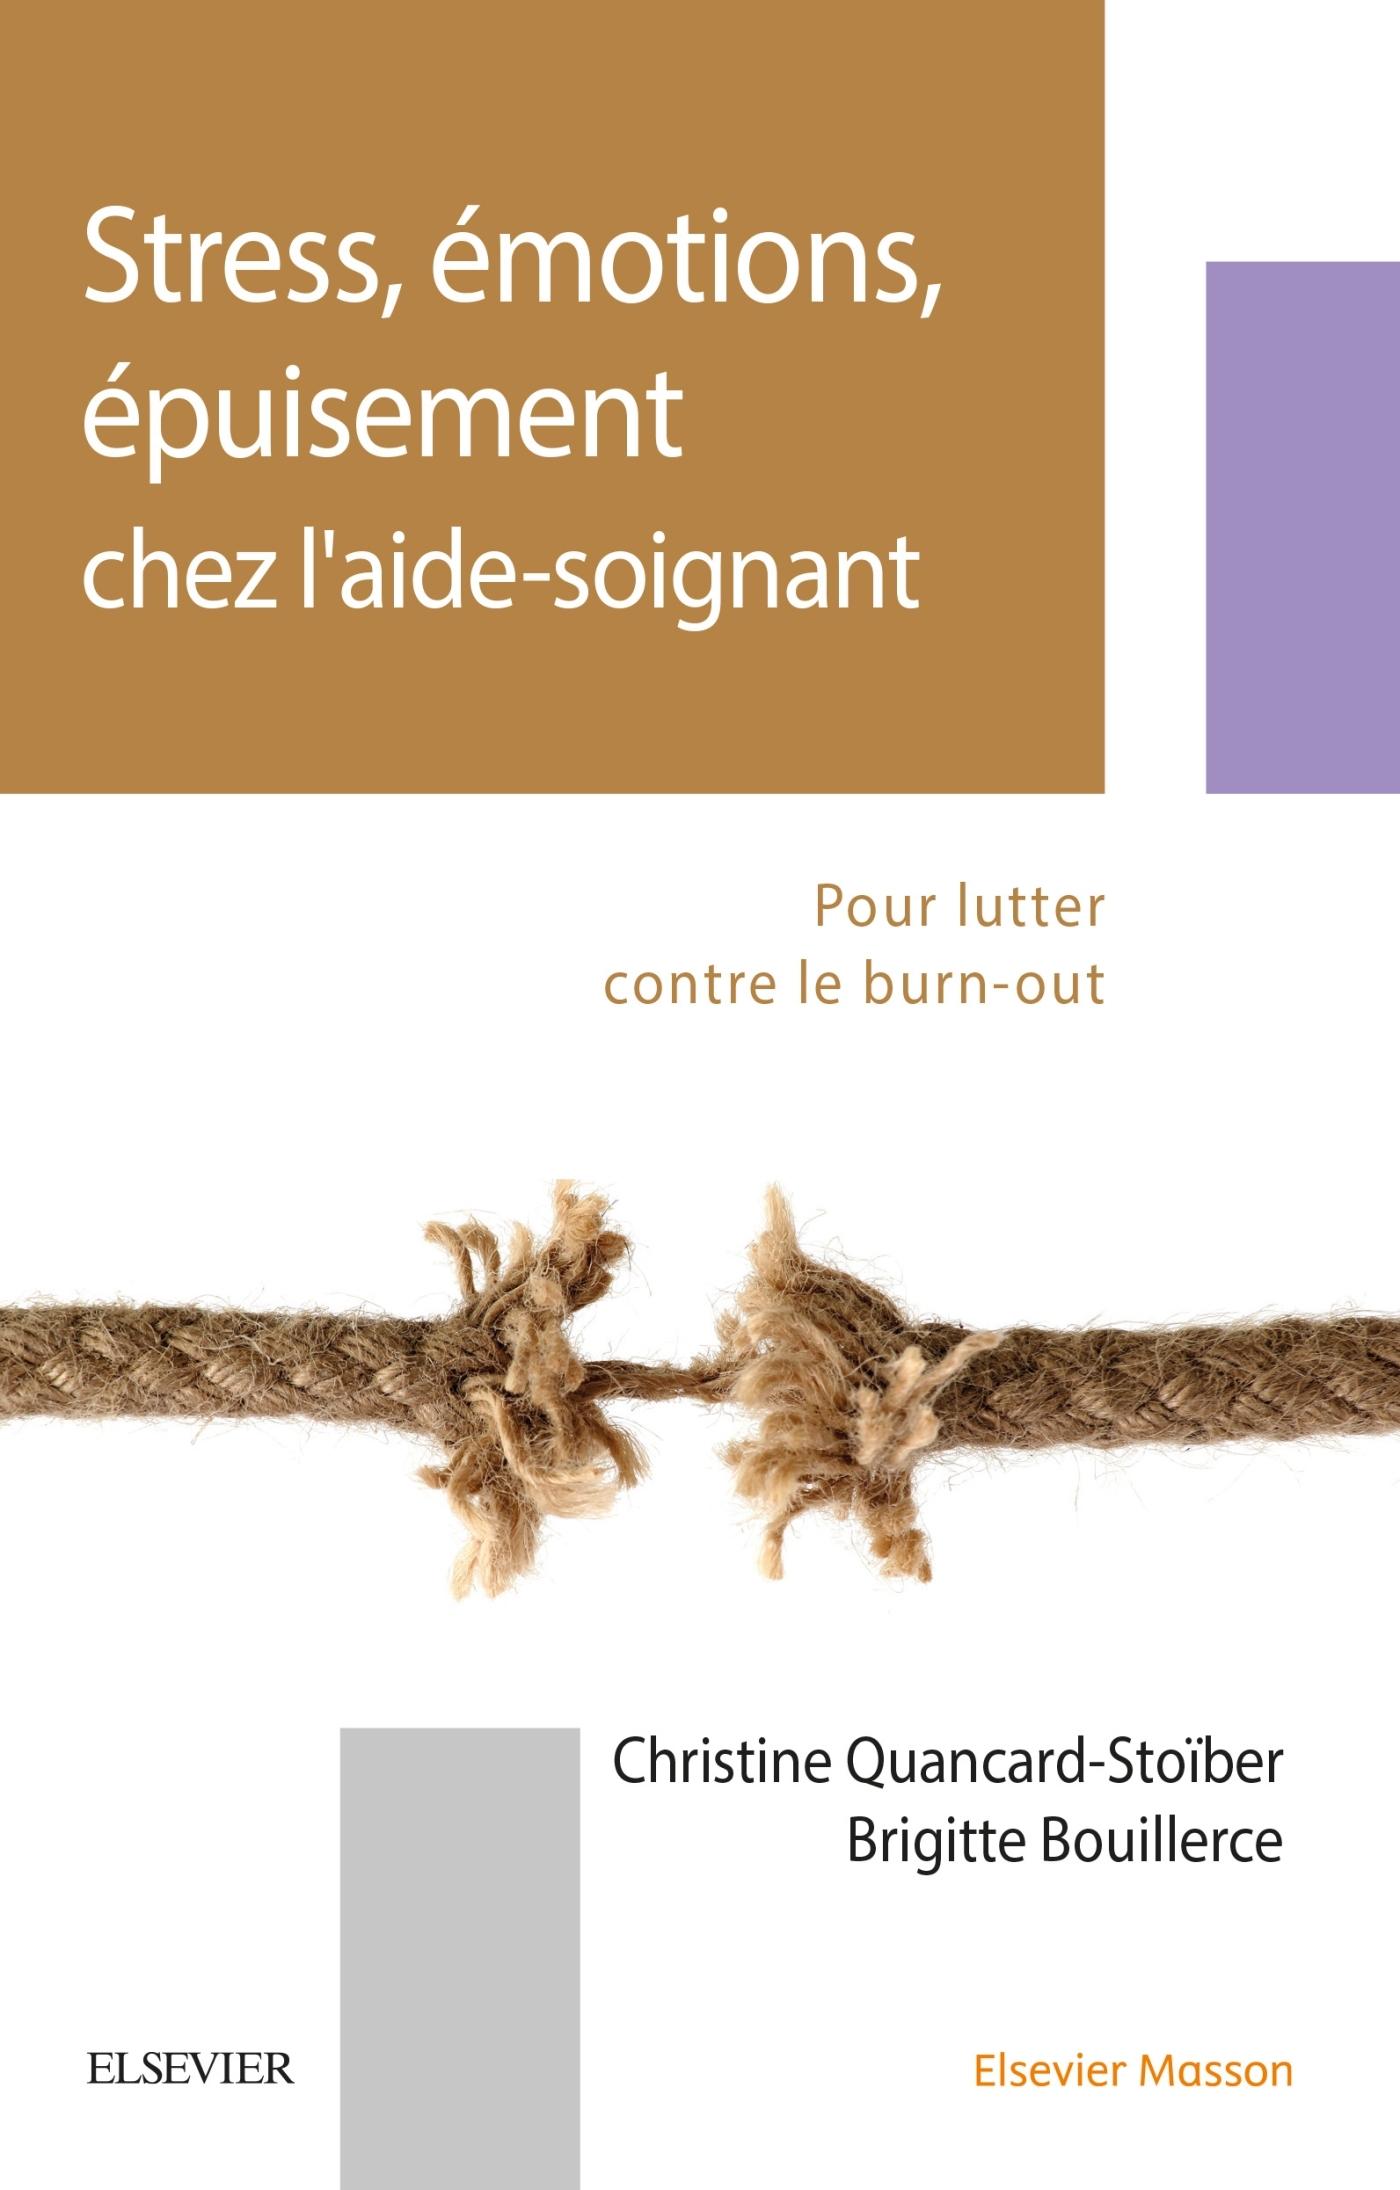 STRESS, EMOTIONS, EPUISEMENT CHEZ L'AIDE-SOIGNANT